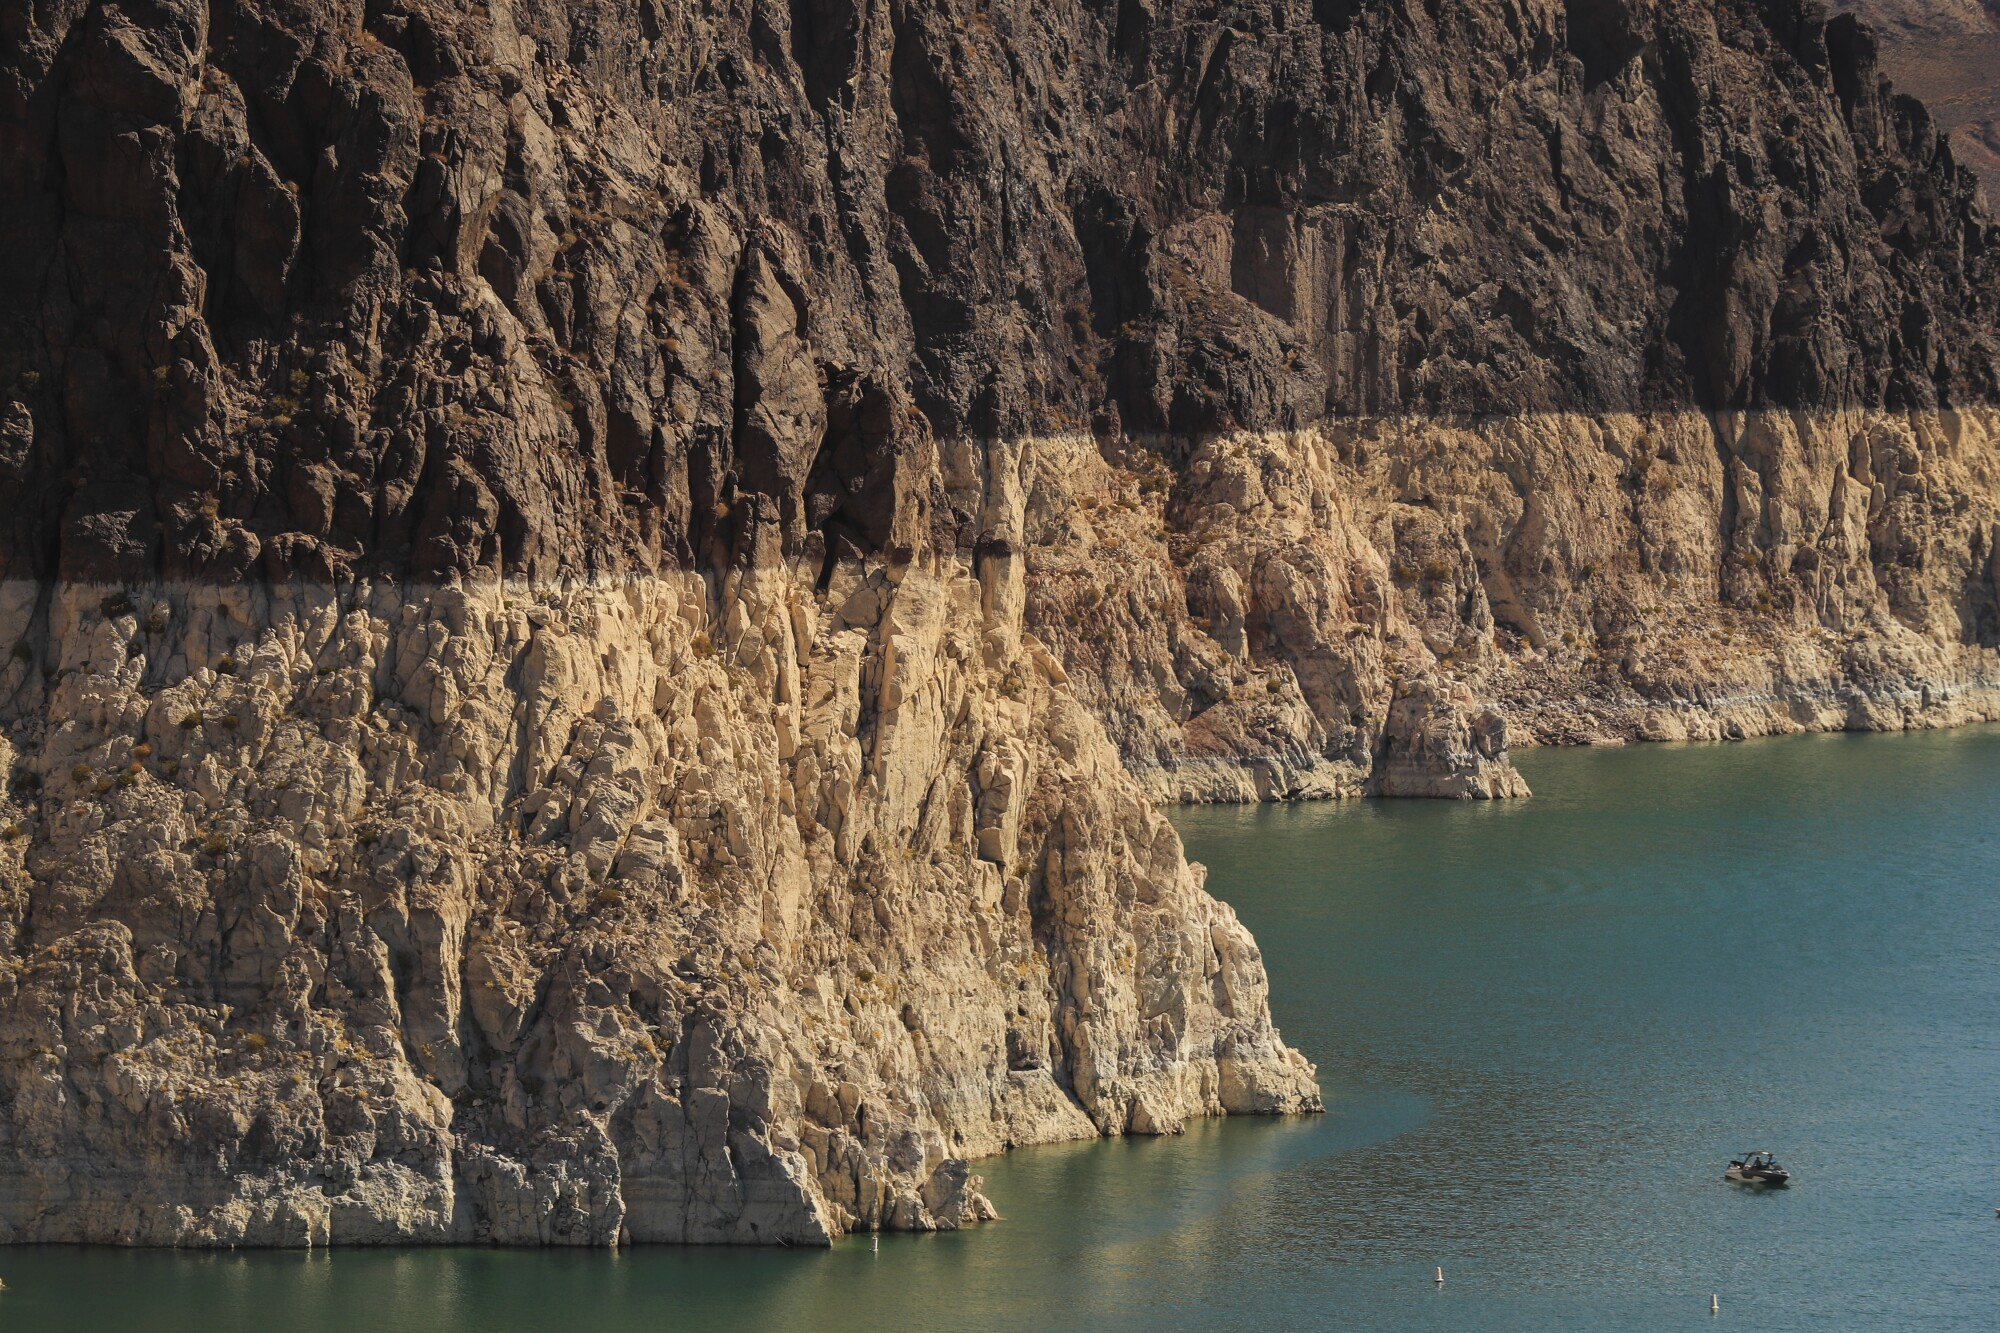 Un persona observa de cerca las marcas de agua en el lago Mead -evidencia de su bajo nivel-